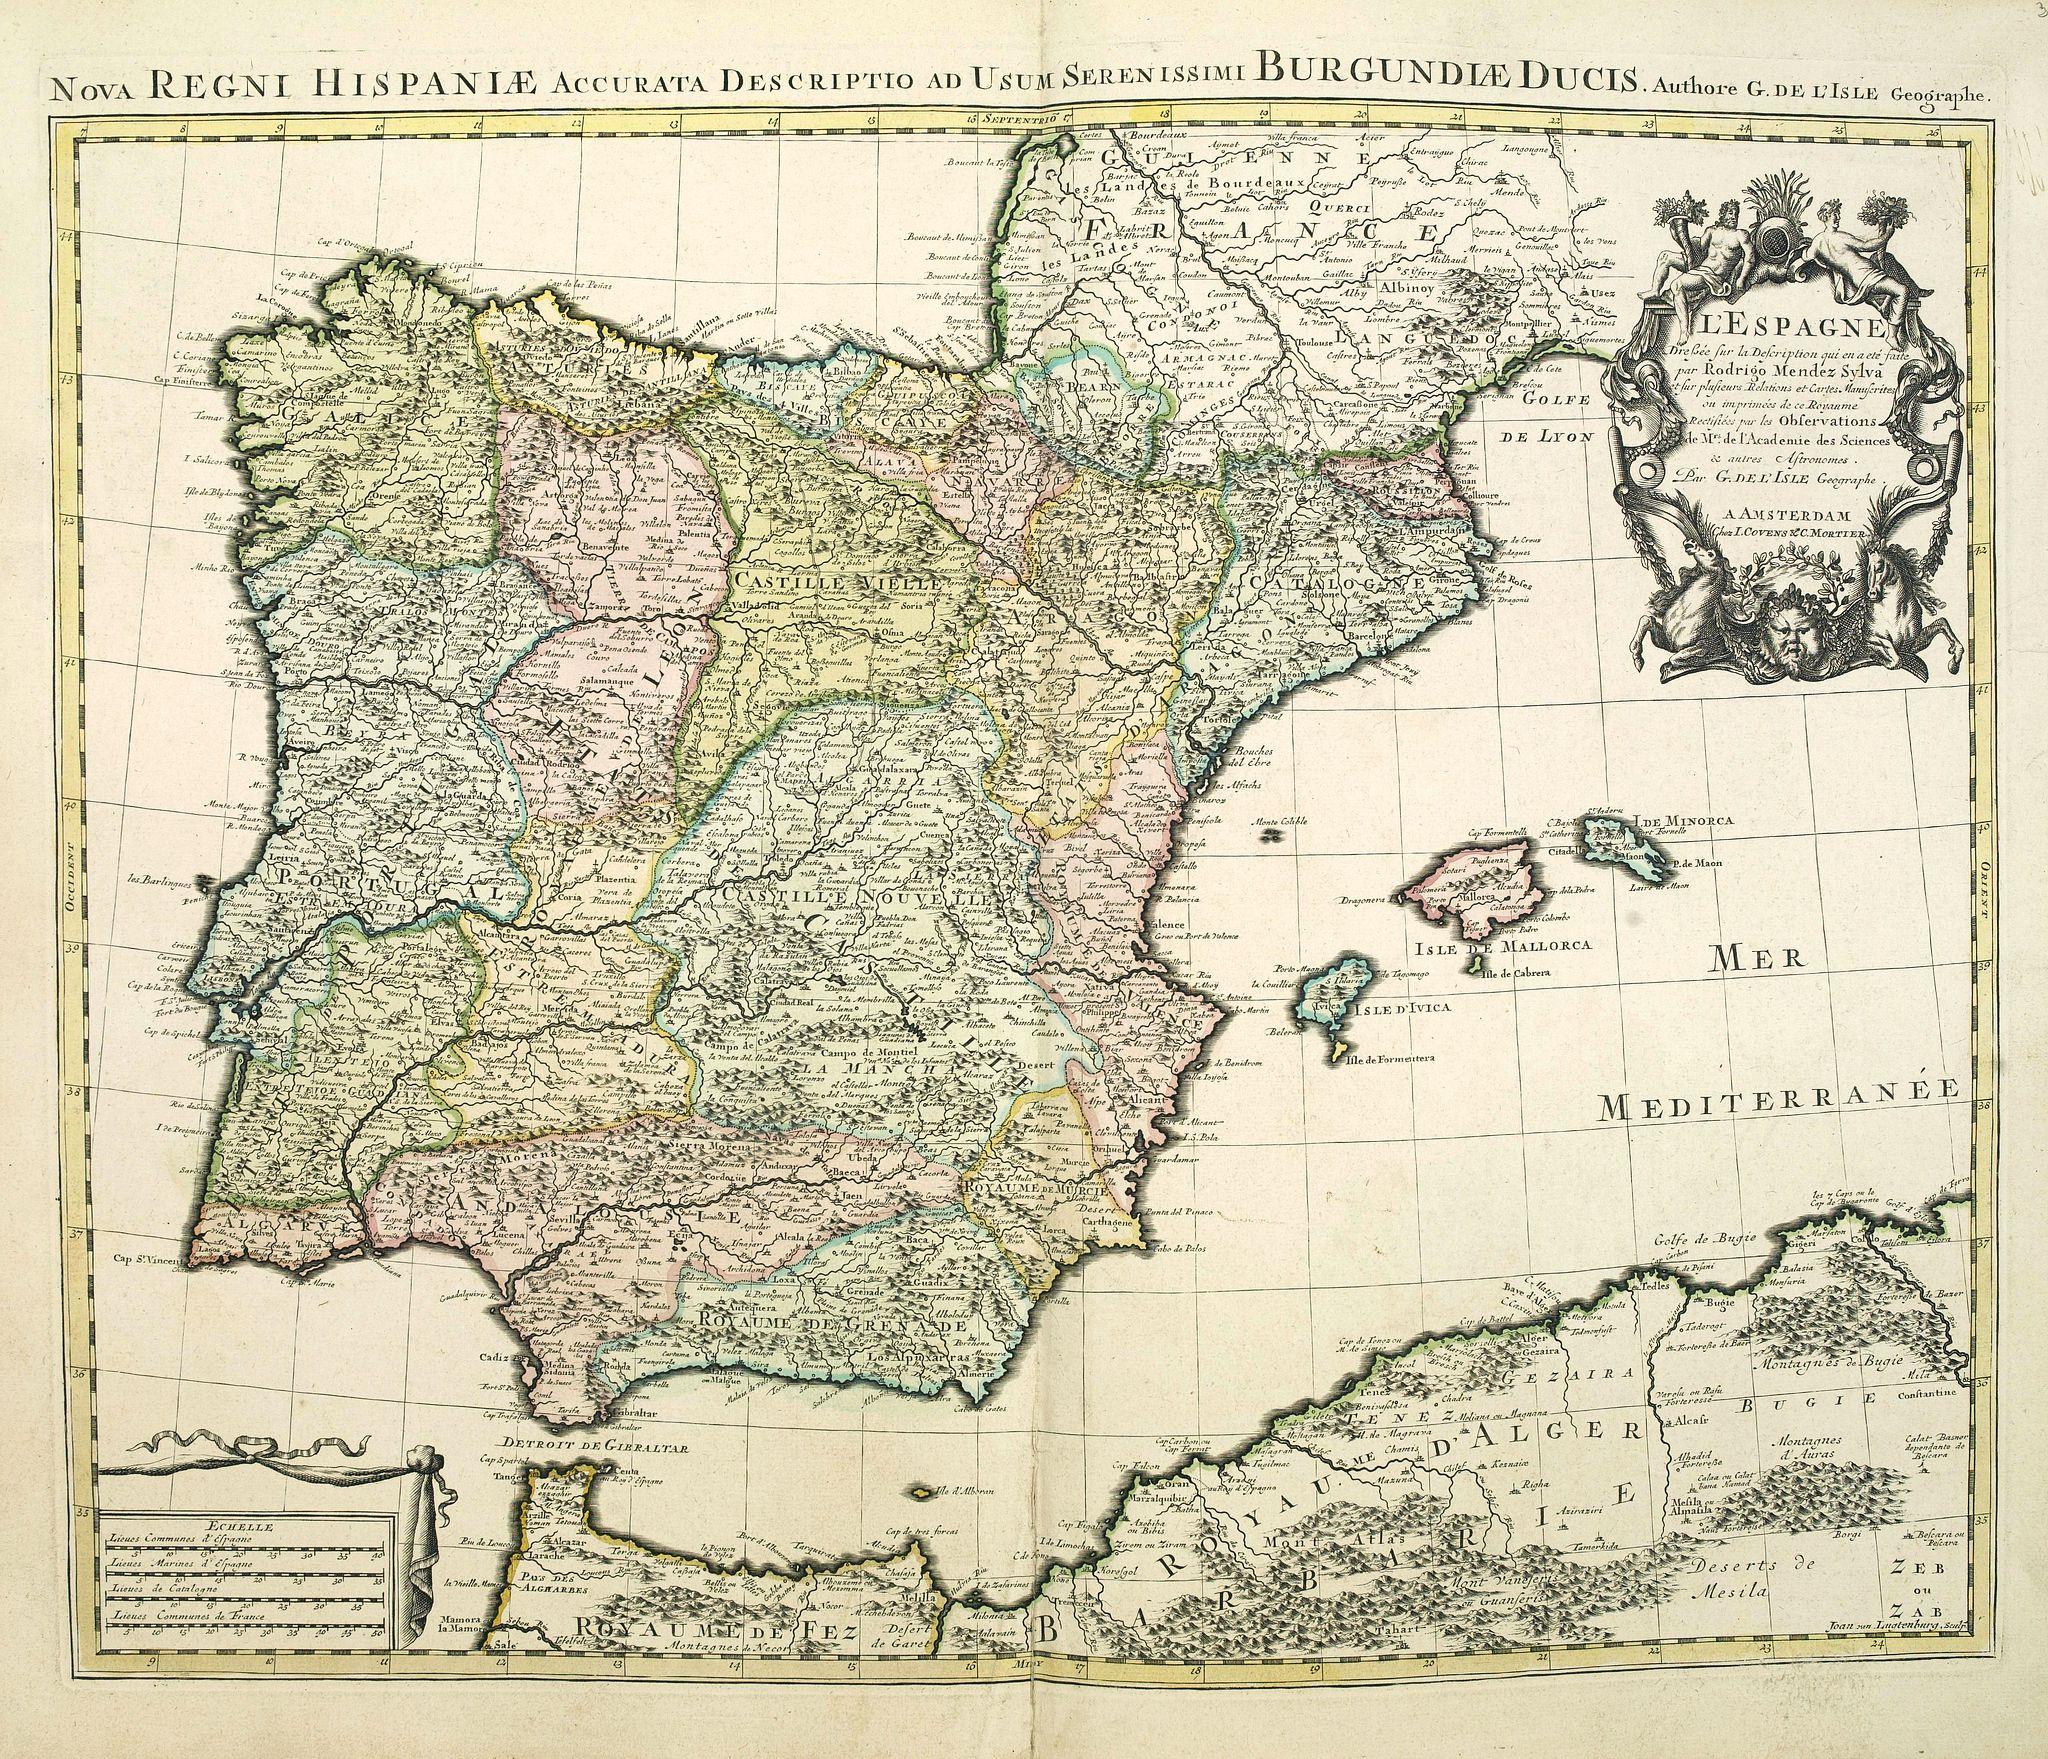 COVENS, J. / MORTIER, C. -  Nova Regni Hispaniae accurata descriptio ad u sum serenissimi Burgundiae ducis.